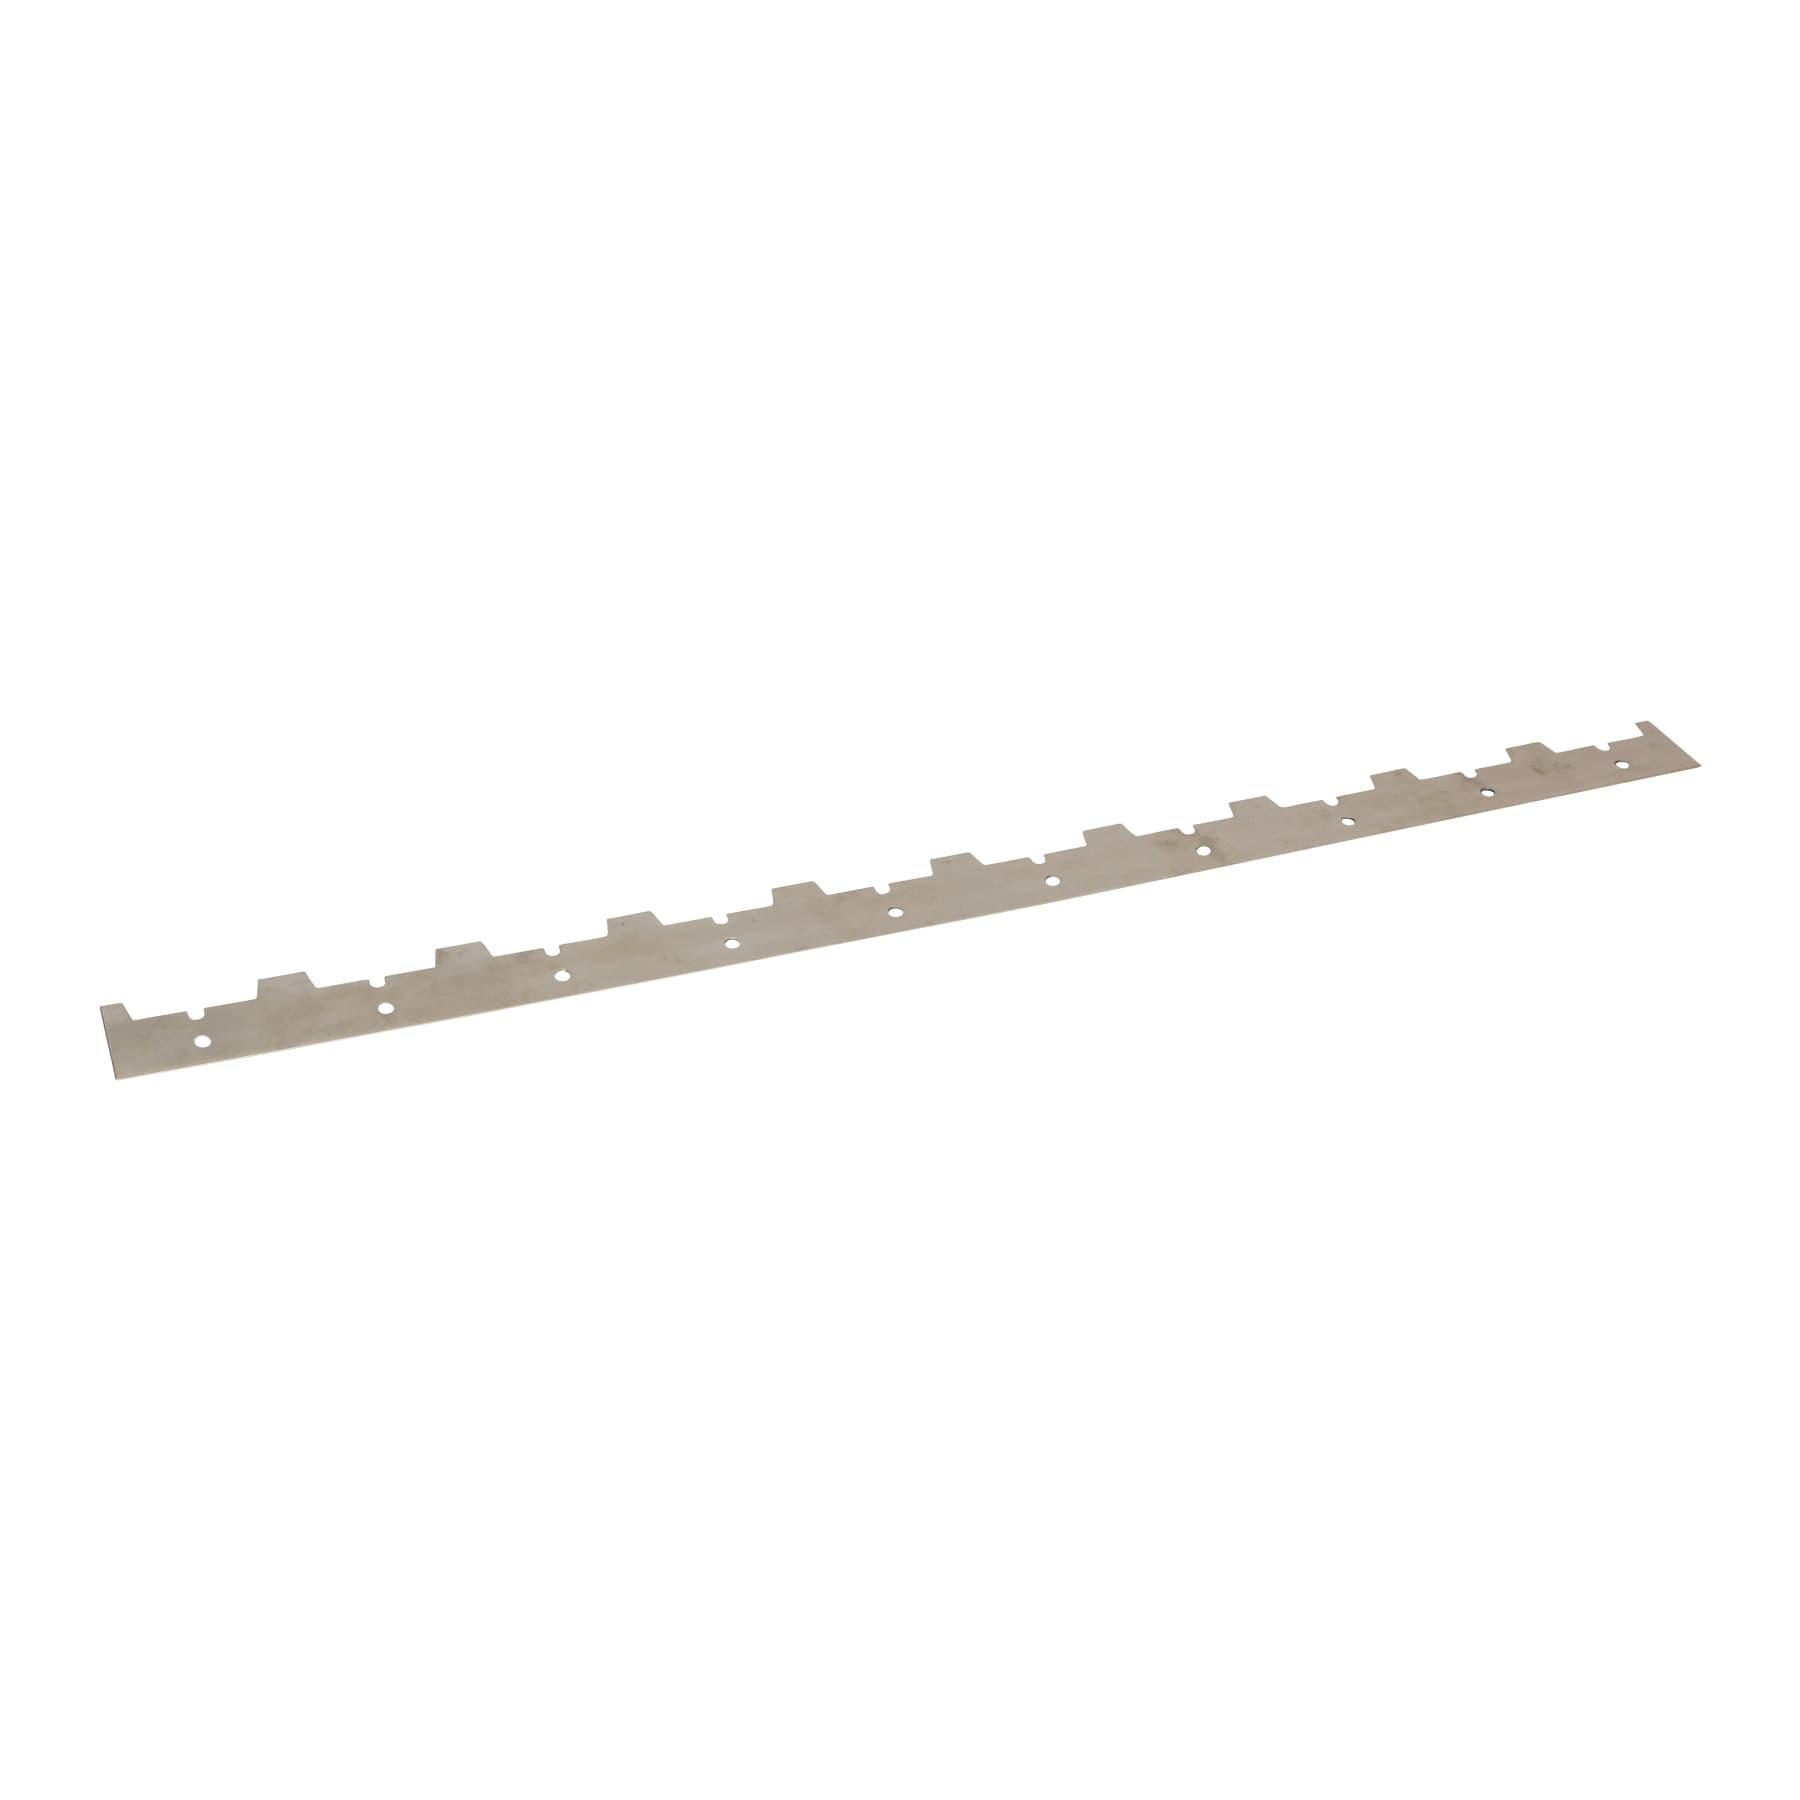 Abstandsrechen Edelstahl für 25 mm Rähmchen 10 Waben auf 375 mm Länge, Standardabstand ca. 35 mm, verzinkt